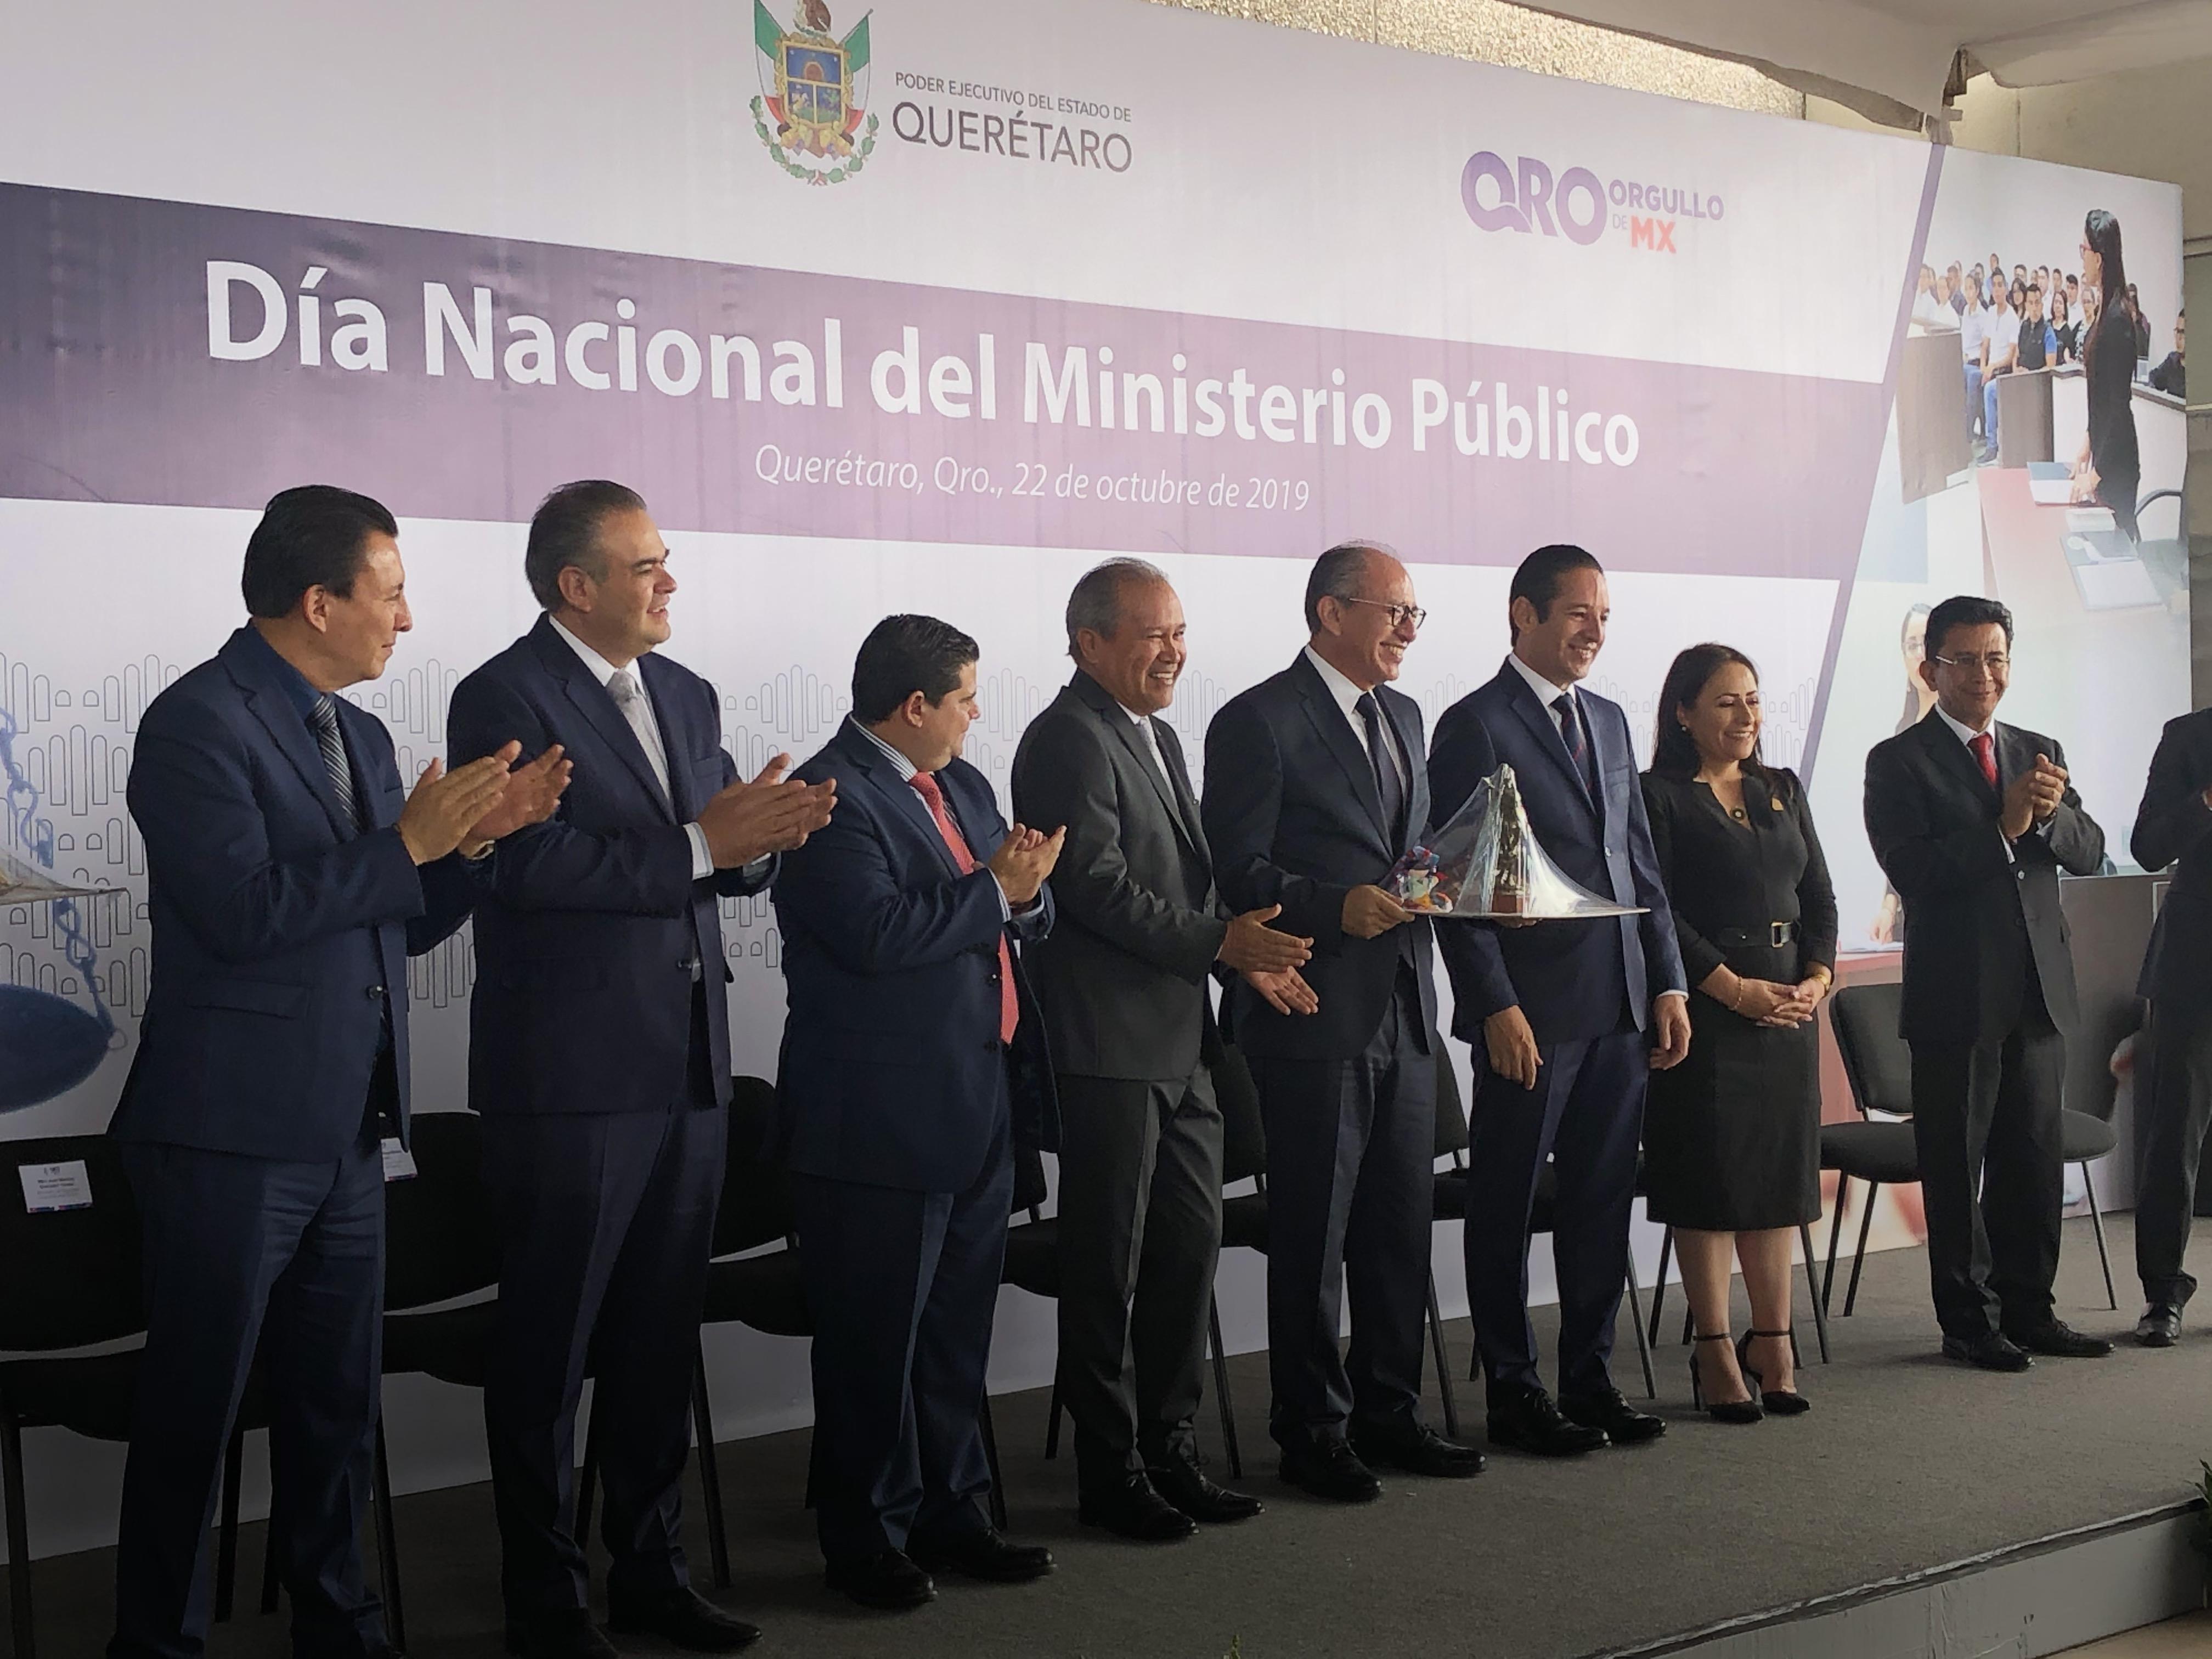 Fiscalía de Querétaro es la tercera más efectiva en investigación a nivel nacional: Pancho